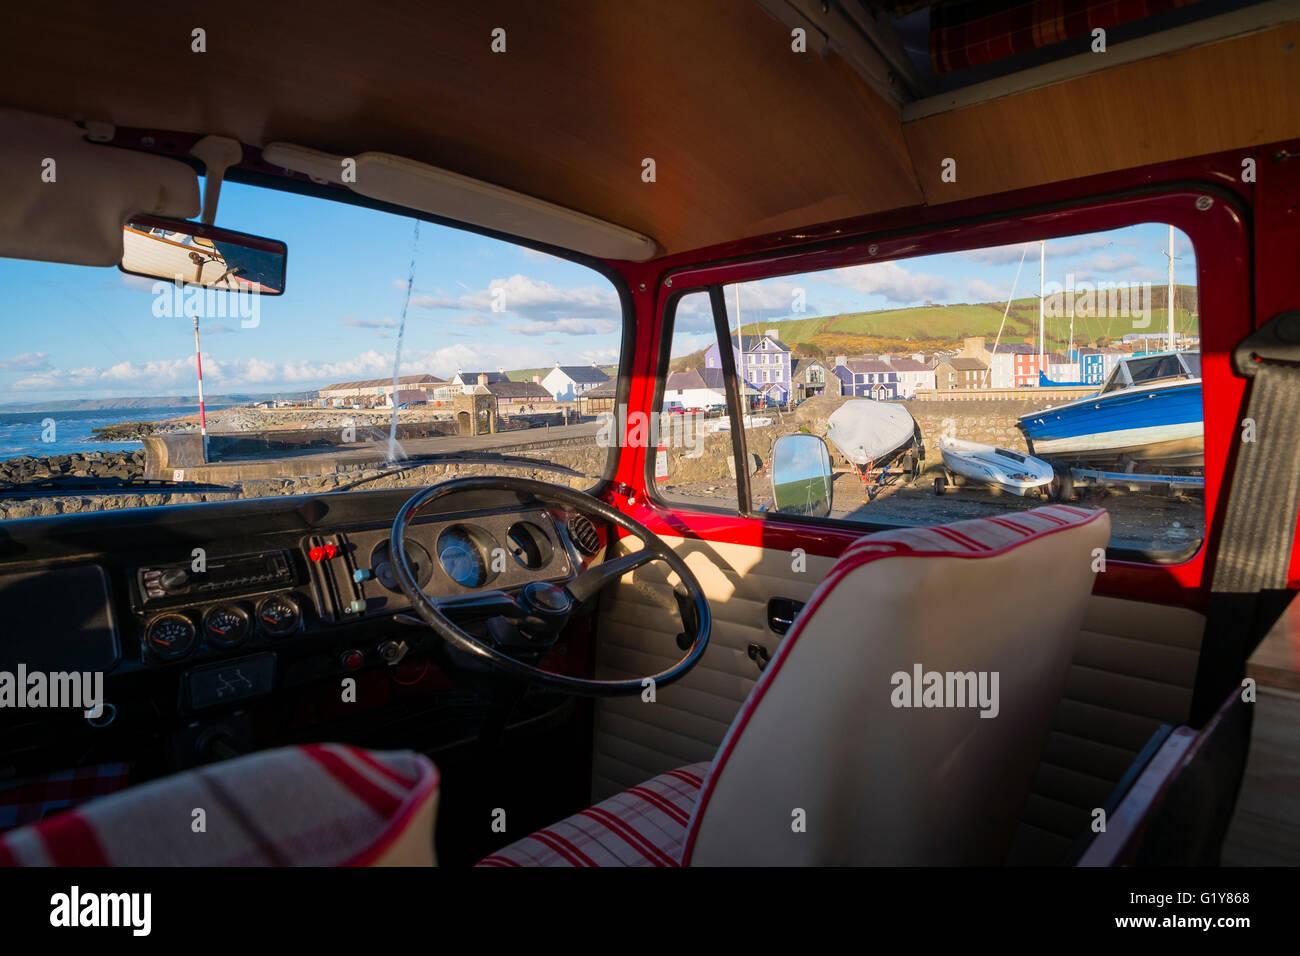 El Interior De Un Clasico Rojo 1972 Volkswagen Vw T2 Tipo 2 Autocaravana En El Muelle A Aberaeron Ceredigion Gales Uk Fotografia De Stock Alamy